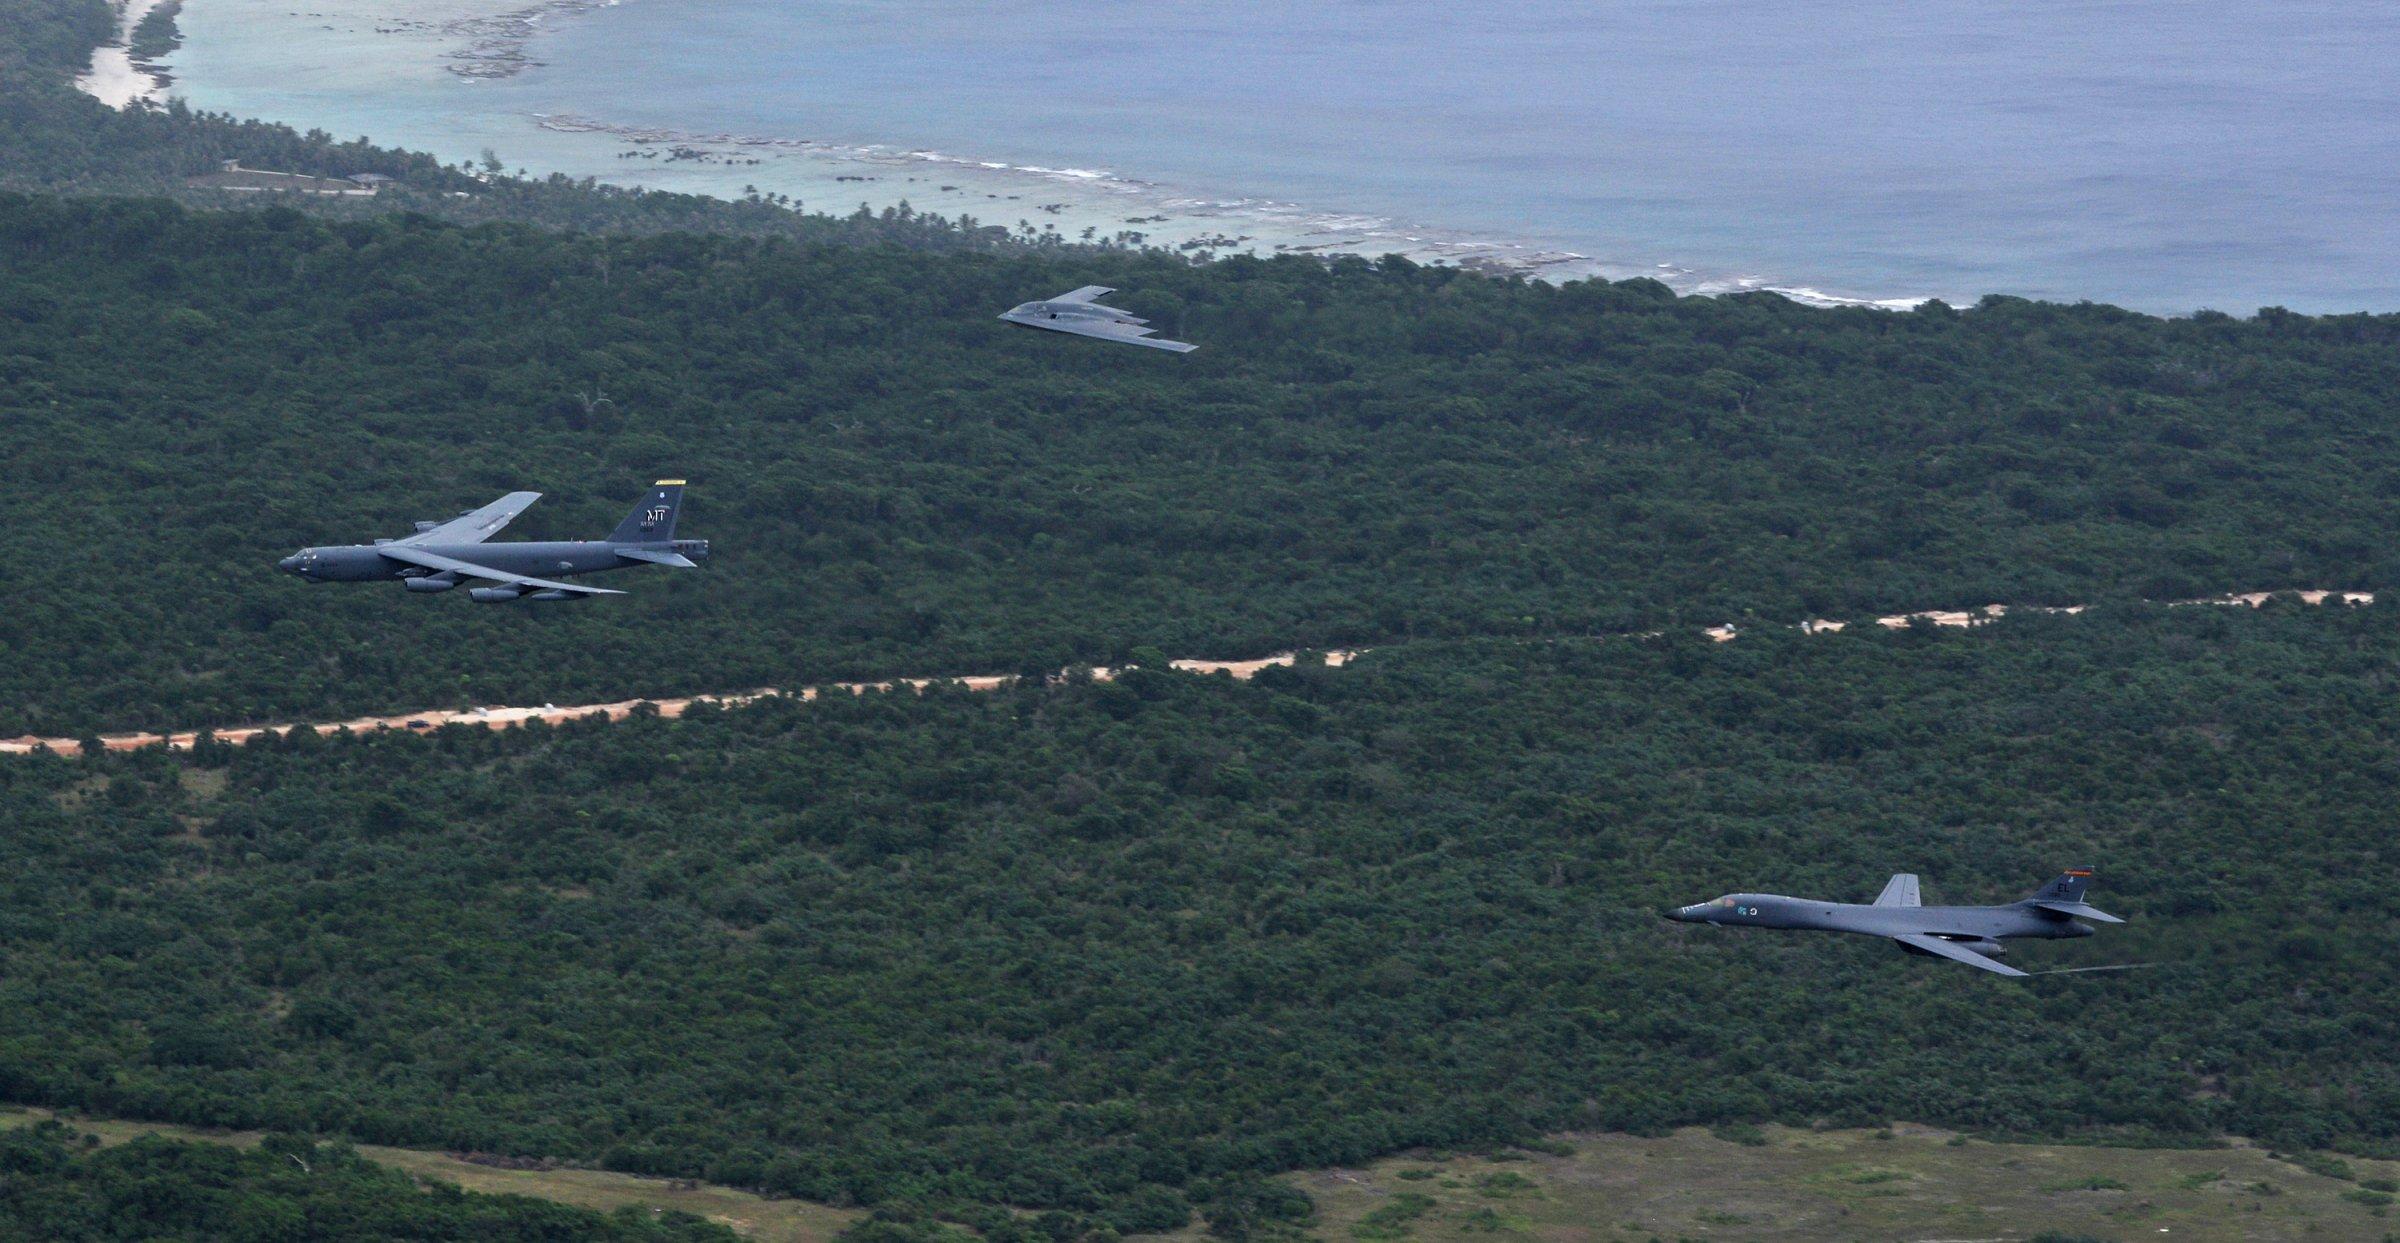 Lần đầu tiên 3 siêu máy bay ném bom B-1, B-2, B-52 cùng bay tới biển Đông. Ảnh: Không quân Mỹ